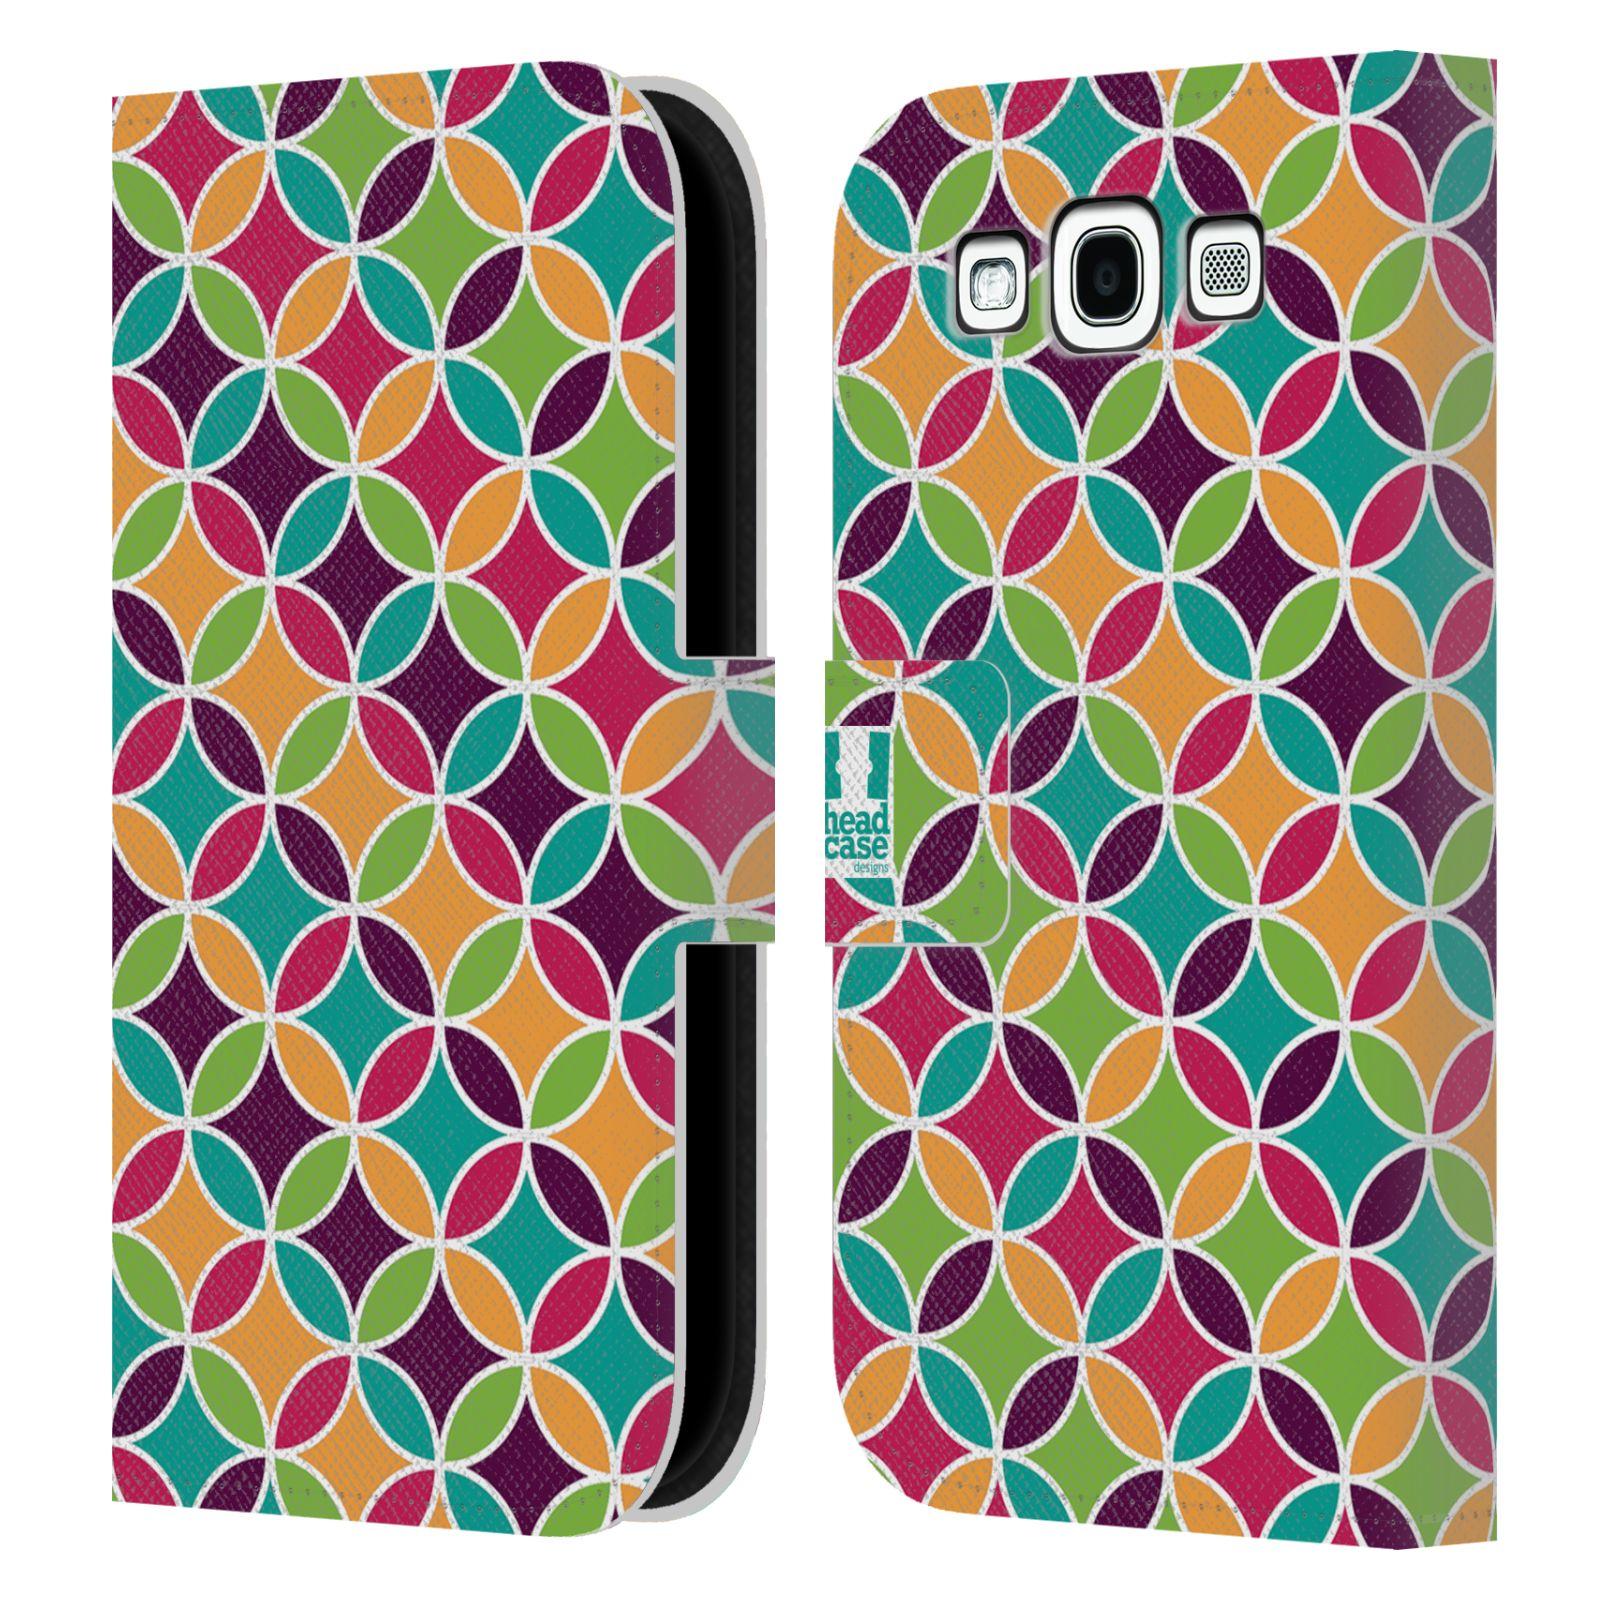 HEAD CASE Flipové pouzdro pro mobil Samsung Galaxy S3 sněženka barevné kruhy